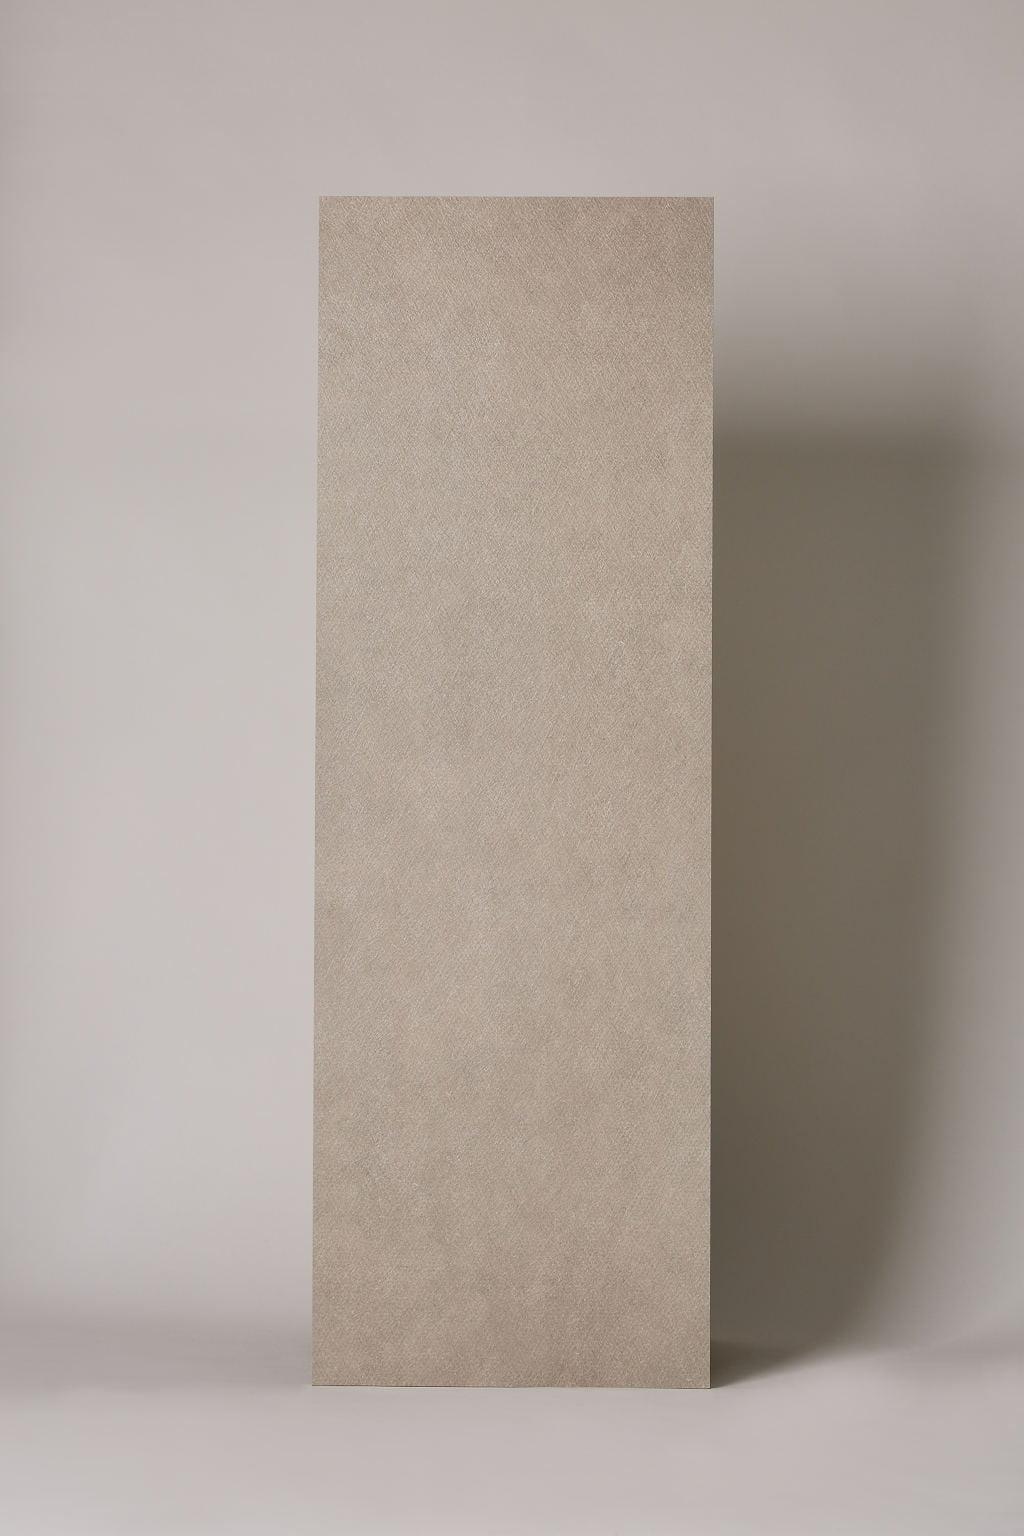 Płytka hiszpańska, gresowa, rektyfikowana, dekoracyjna, matowa, ścienna, rozmiar 40x120cm- Ape Click mist